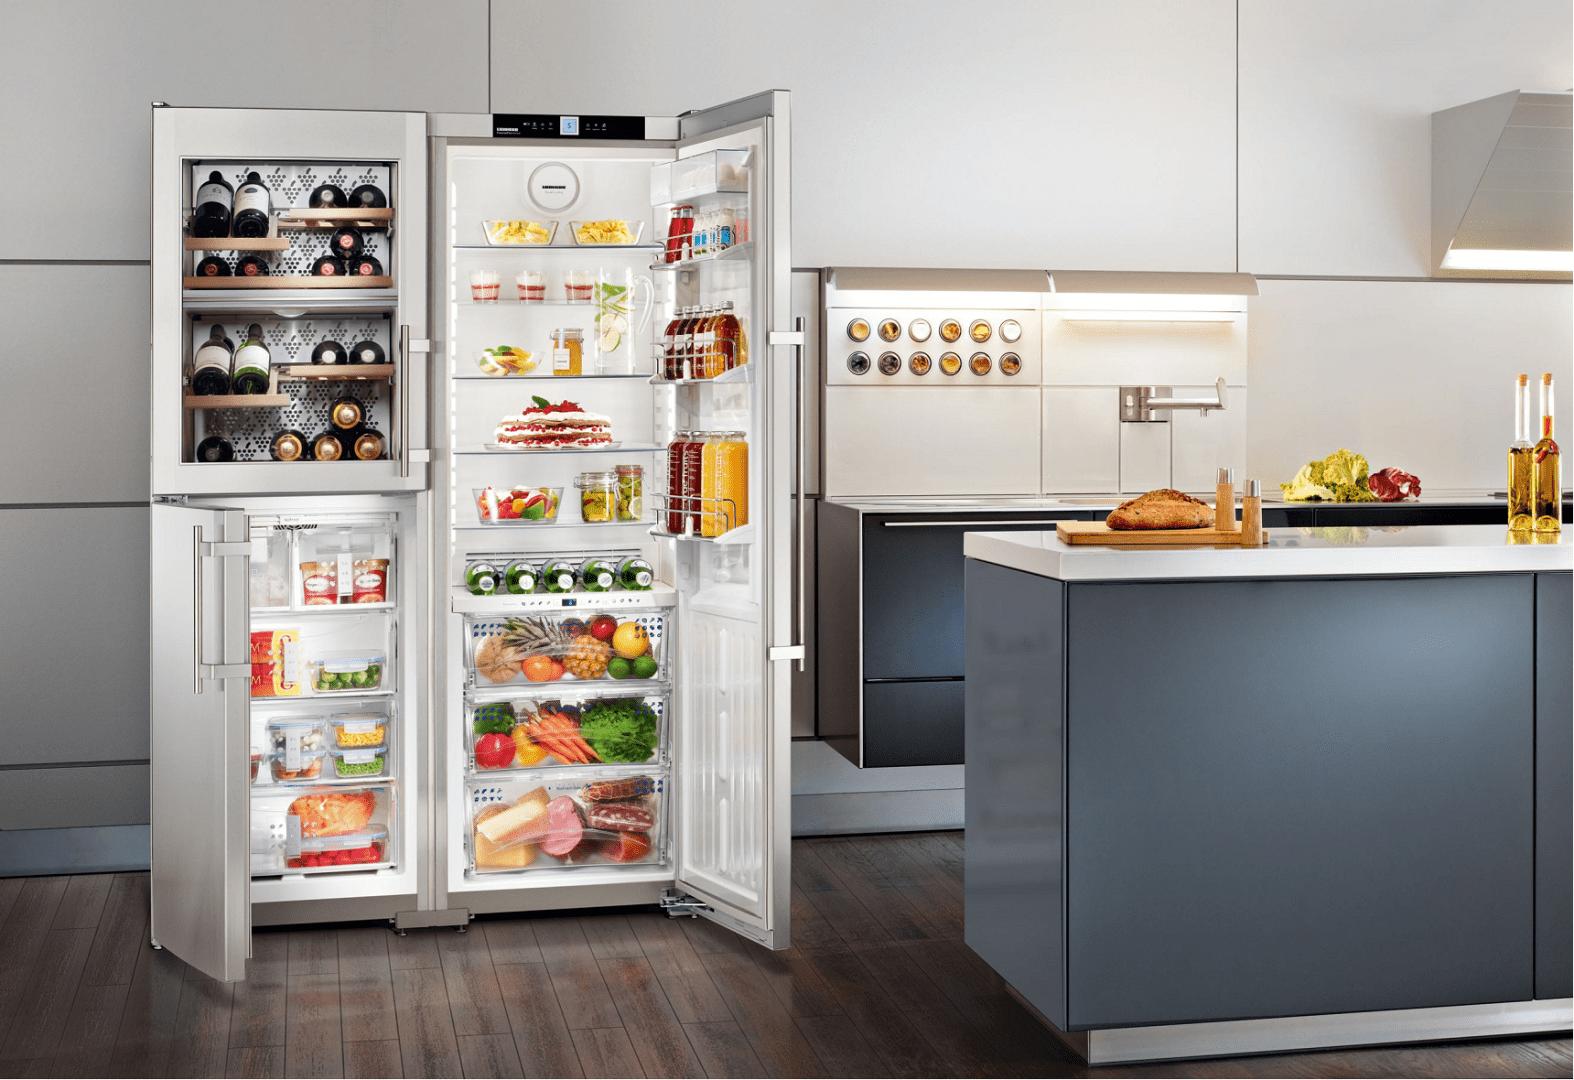 Tủ Lạnh Side By Side Liebherr SBSES 7165 Với Thiết Kế 6 Khoang Nhiệt Độ